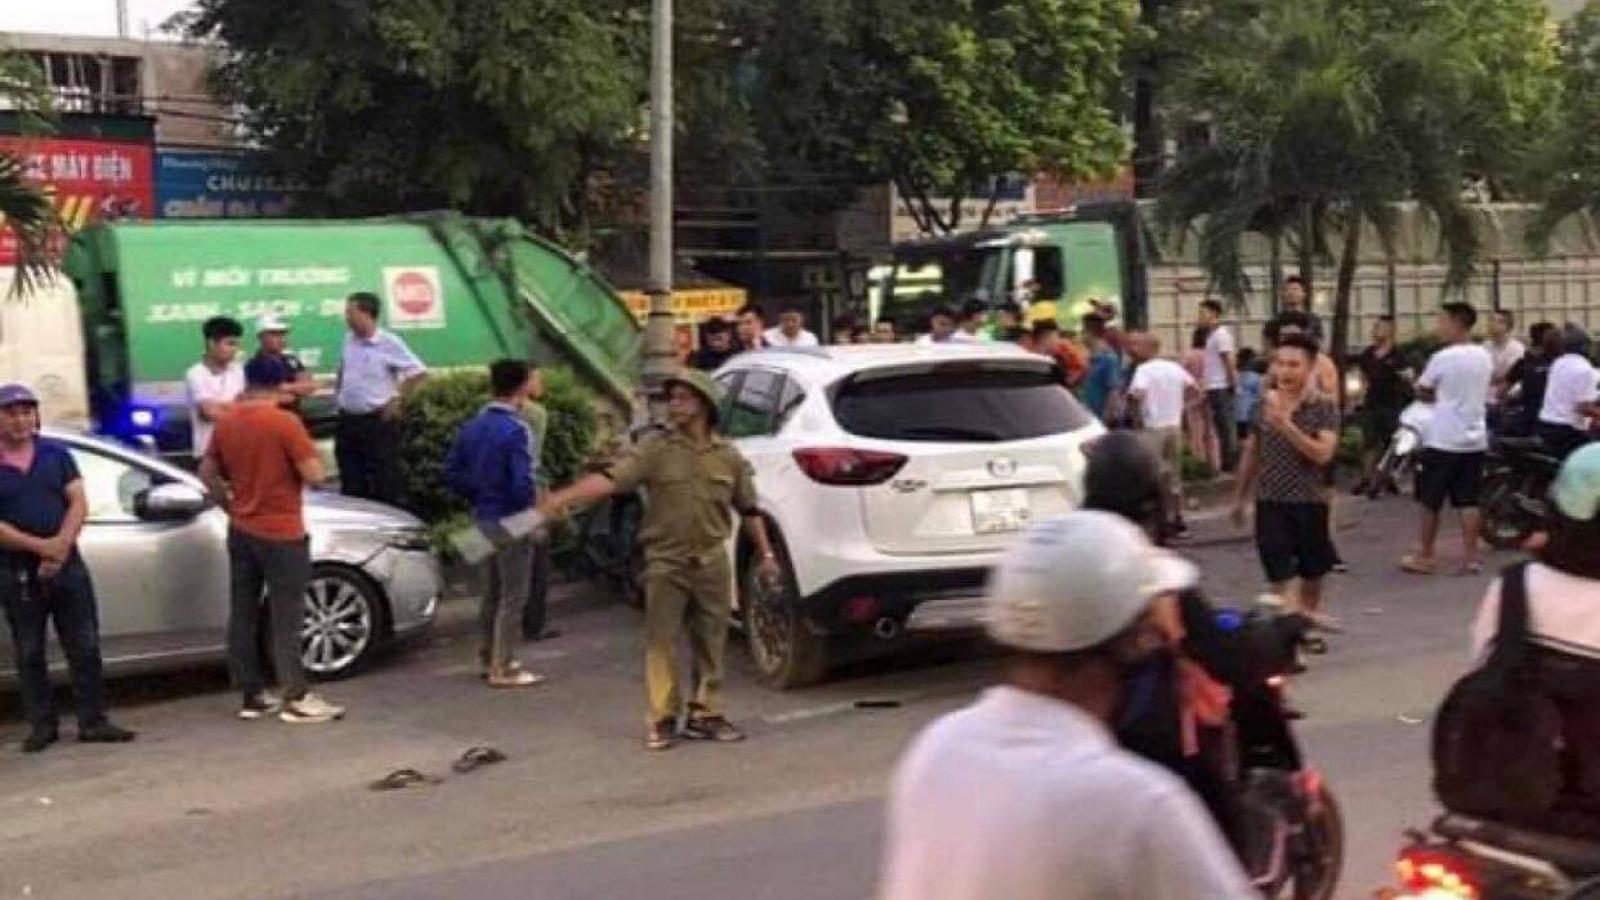 Lái xe CX5 đâm liên hoàn ở thị xã Sơn Tây say rượu, không có bằng lái